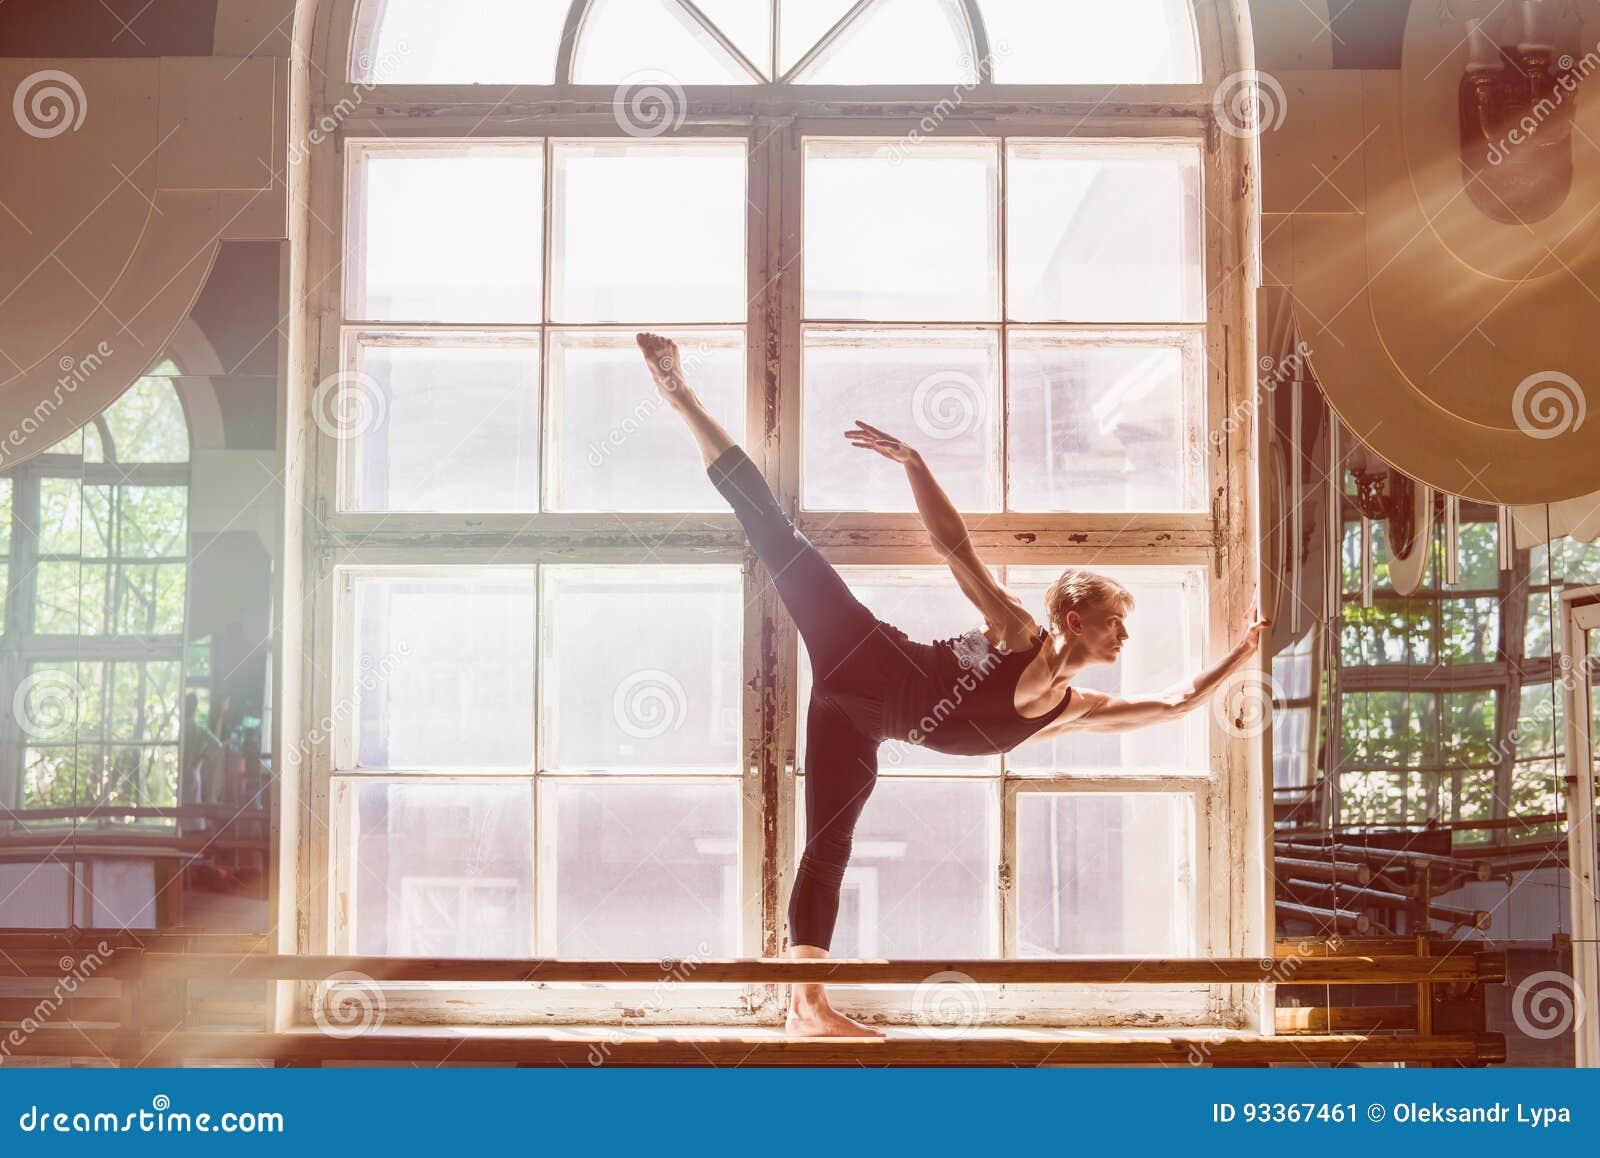 Le danseur classique masculin danse devant une fenêtre